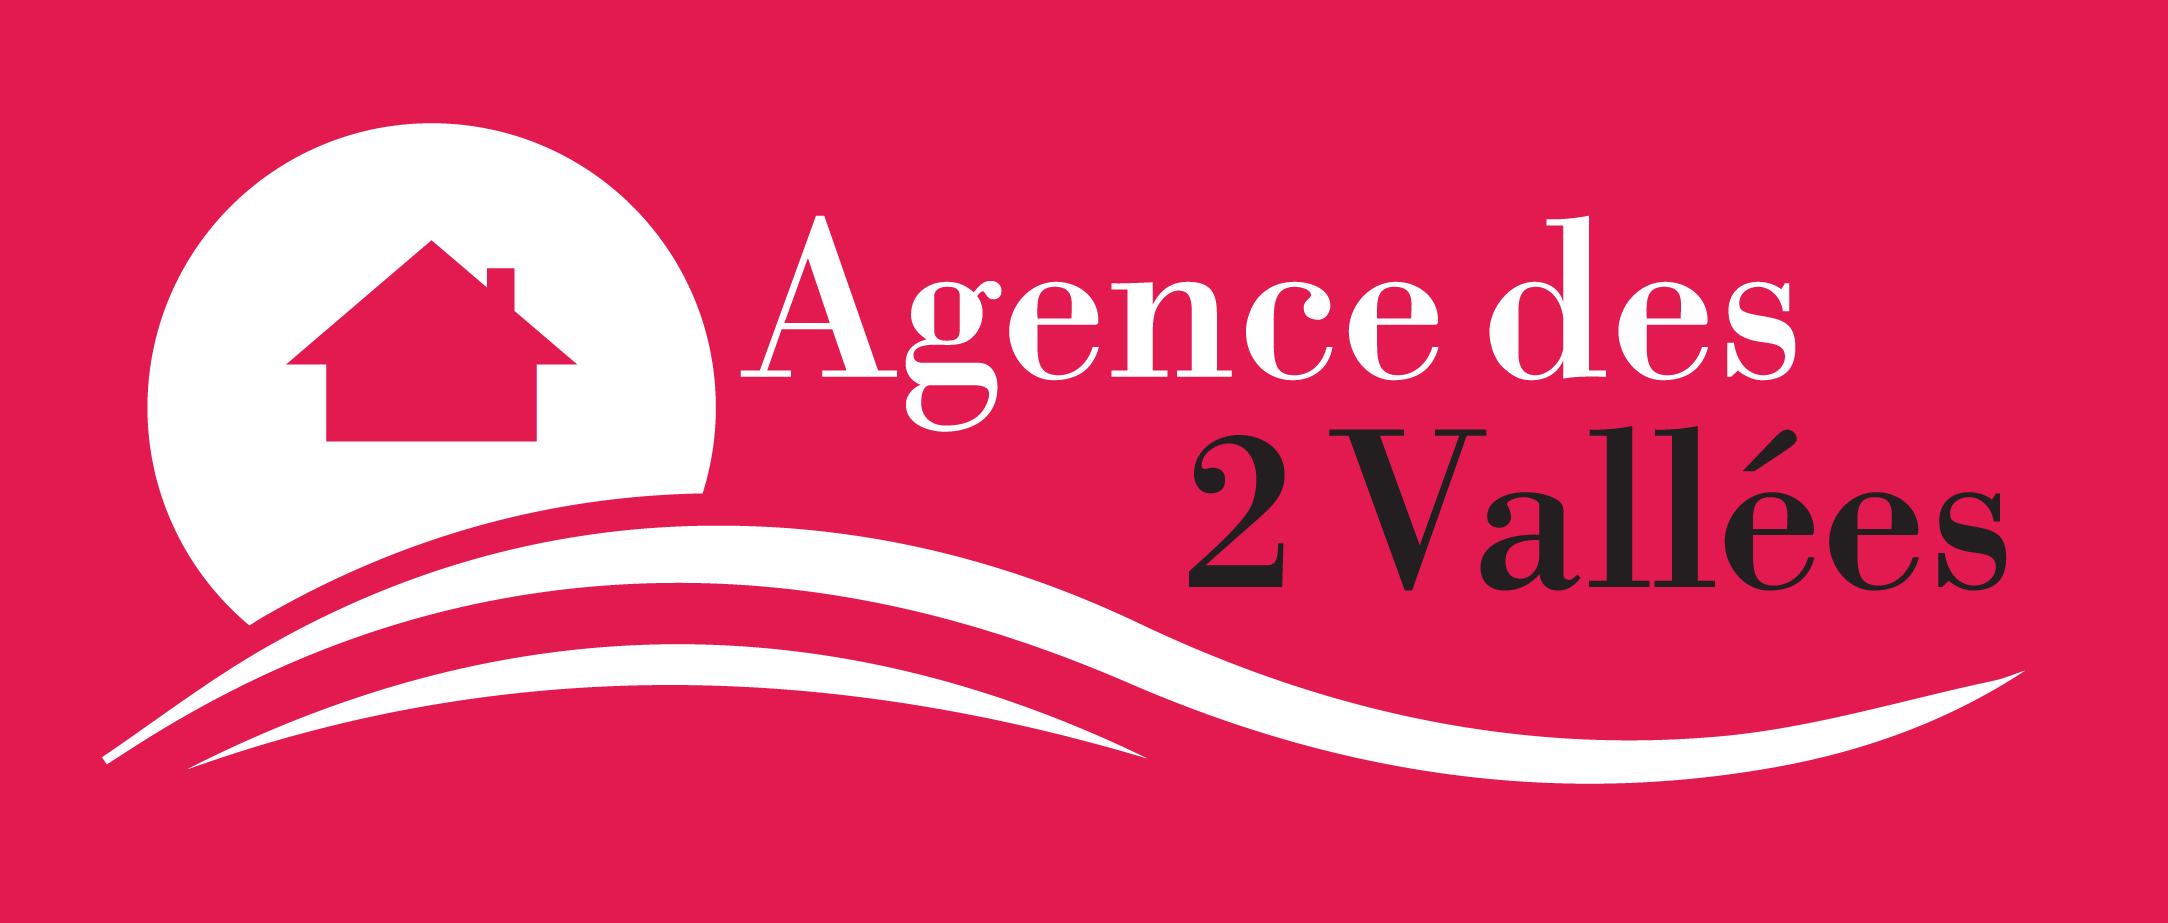 Agence des 2 Vallées agence immobilière Ézy-sur-Eure (27530)